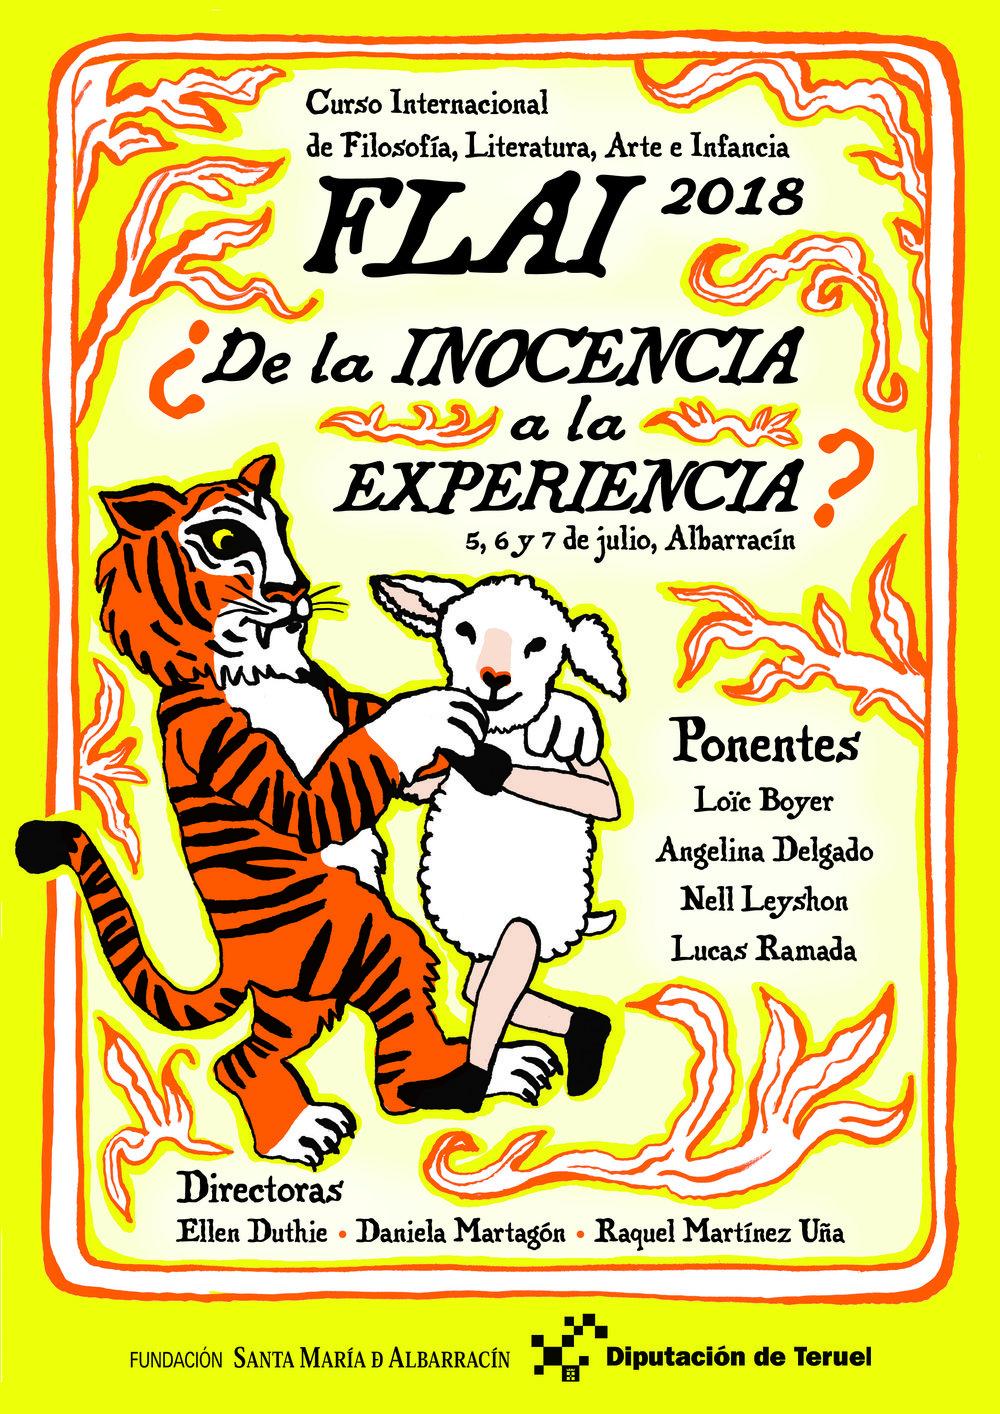 Cartel ilustrado y diseñado por Daniela Martagón.